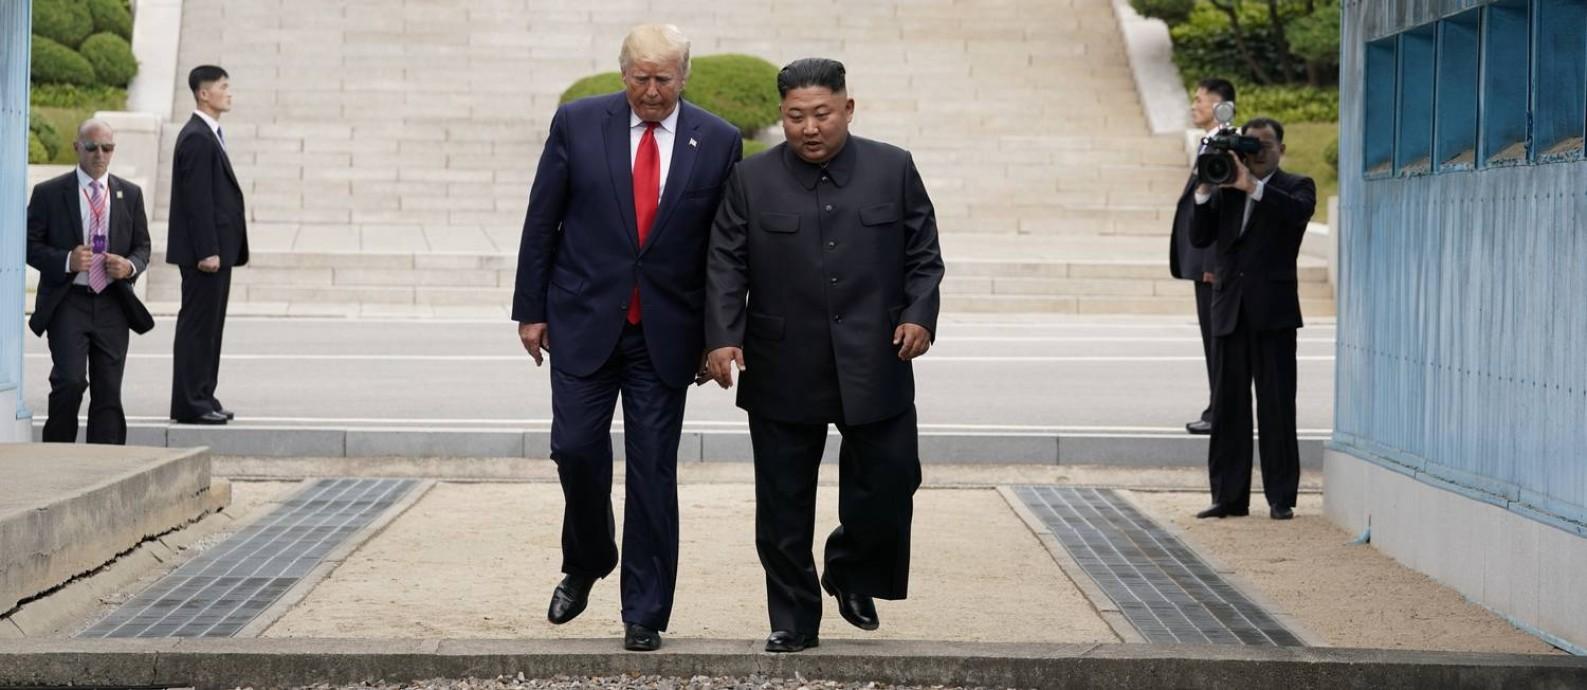 Momento em que Donald Trump cruza a fronteira entre as Coreias Foto: KEVIN LAMARQUE / REUTERS